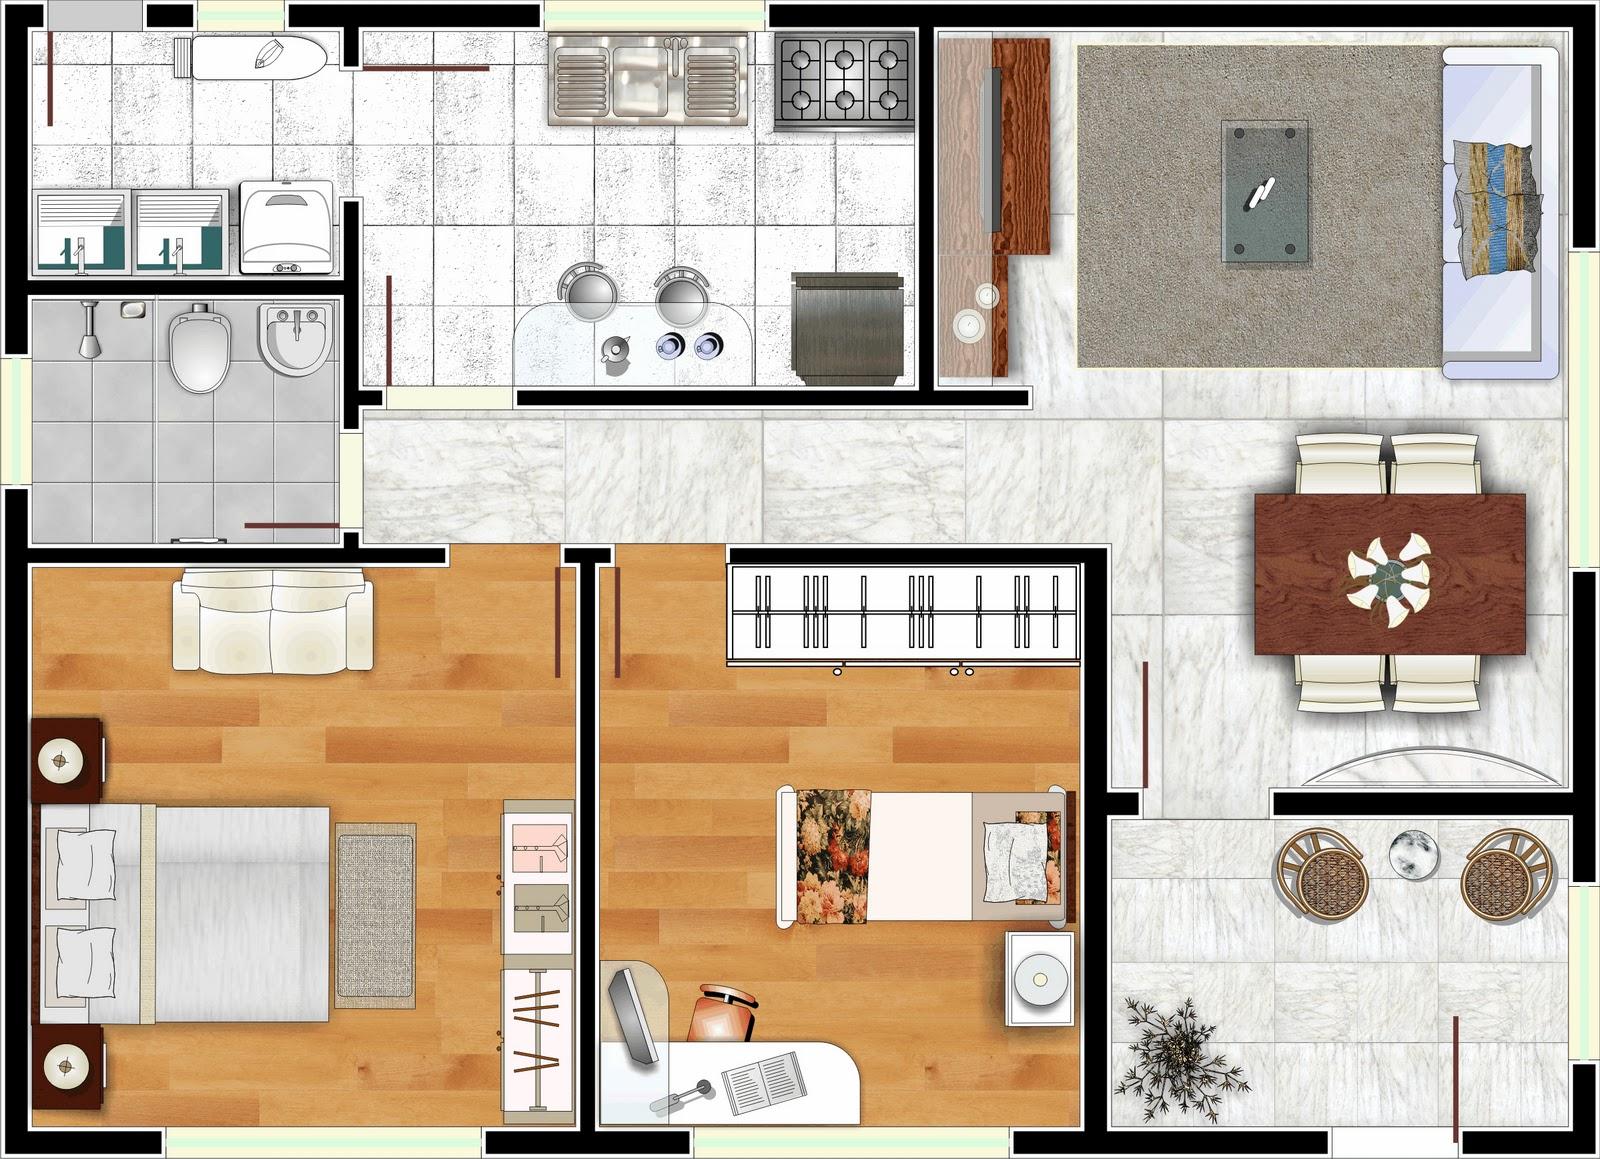 Projetos de casas simples: 15 modelos #9D662E 1600 1159